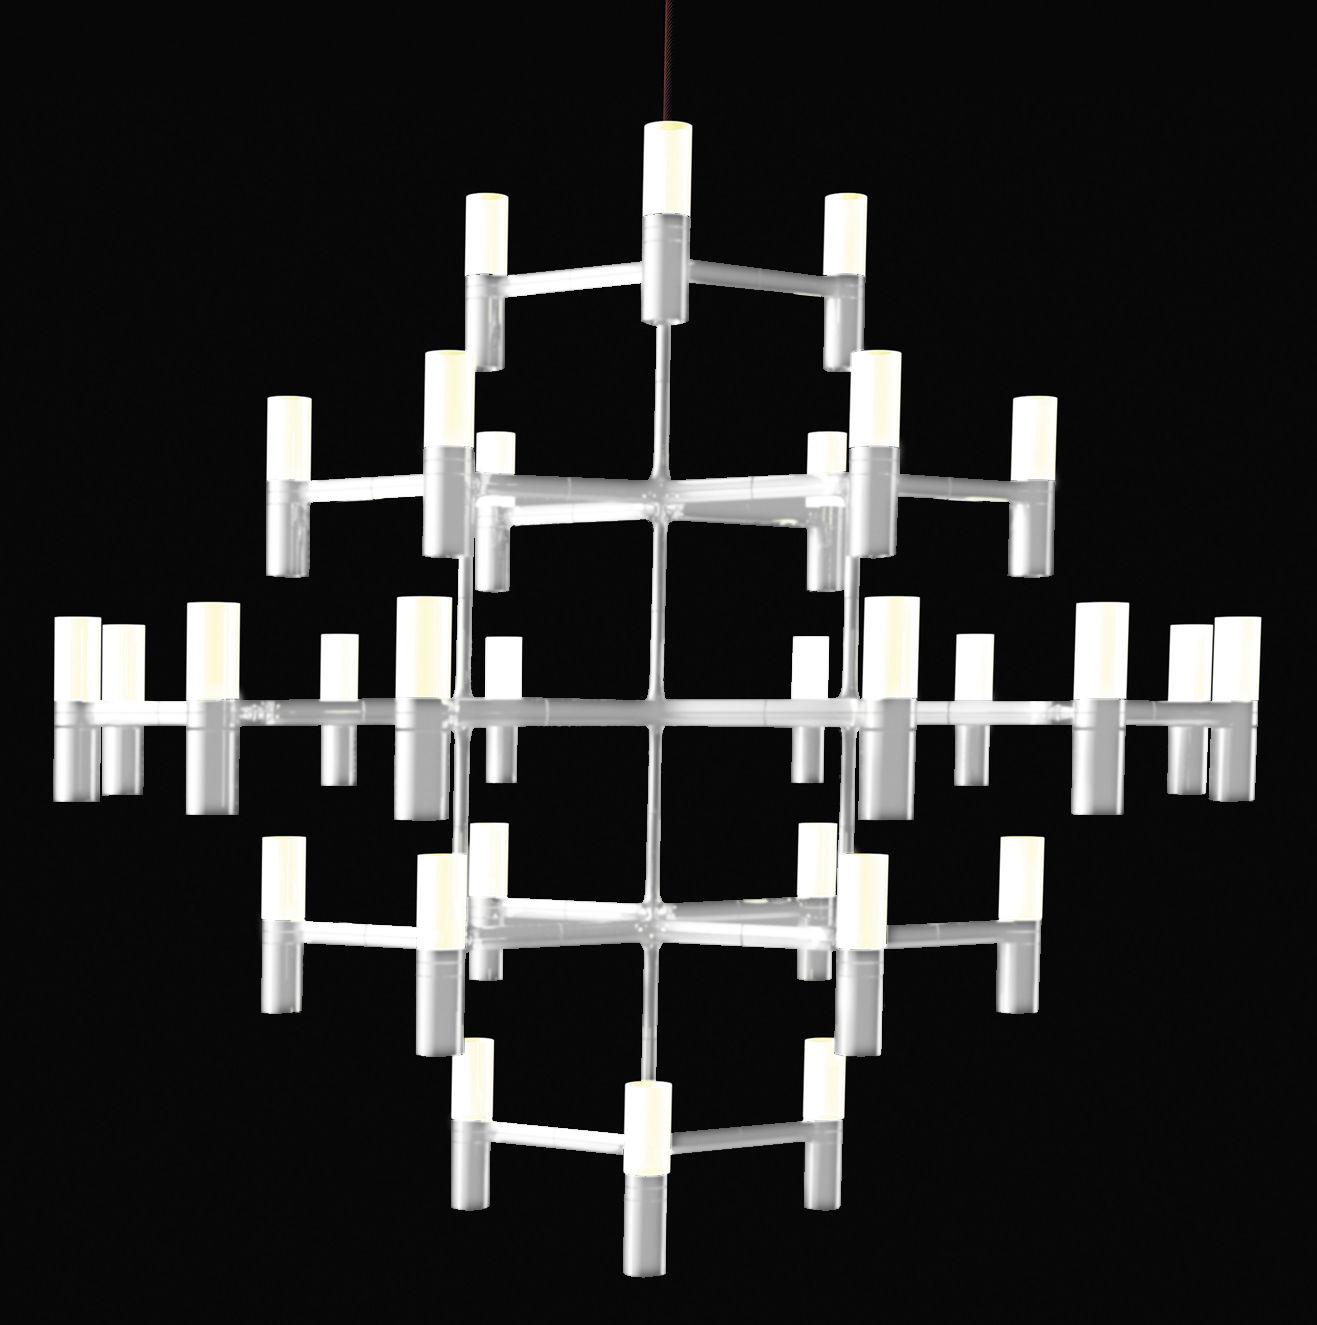 Lighting - Pendant Lighting - Crown Major Pendant - Ø 115 cm by Nemo - Ø 115 cm - Matt white - Aluminium, Opal Glass